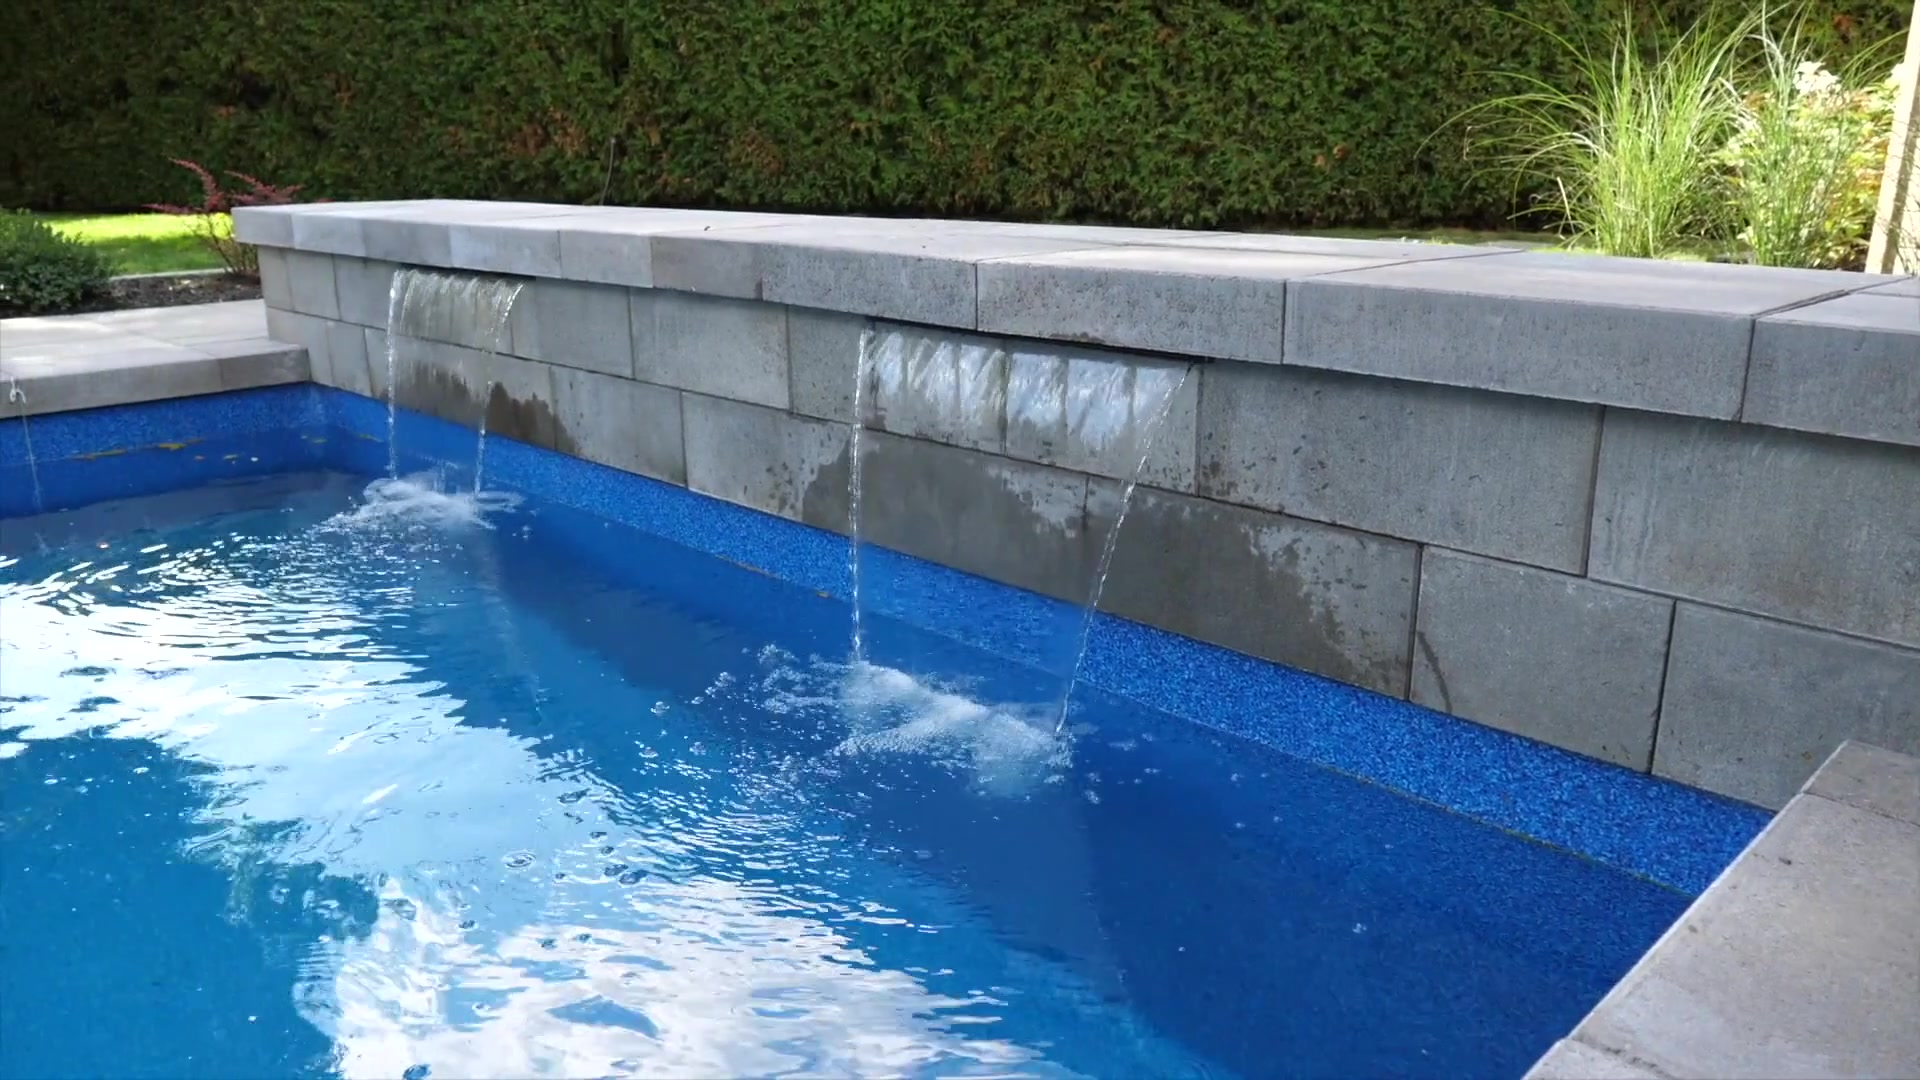 Pavé & paysagiste Boisbriand - Résidentiel - Aménagement paysager - Lame d'eau